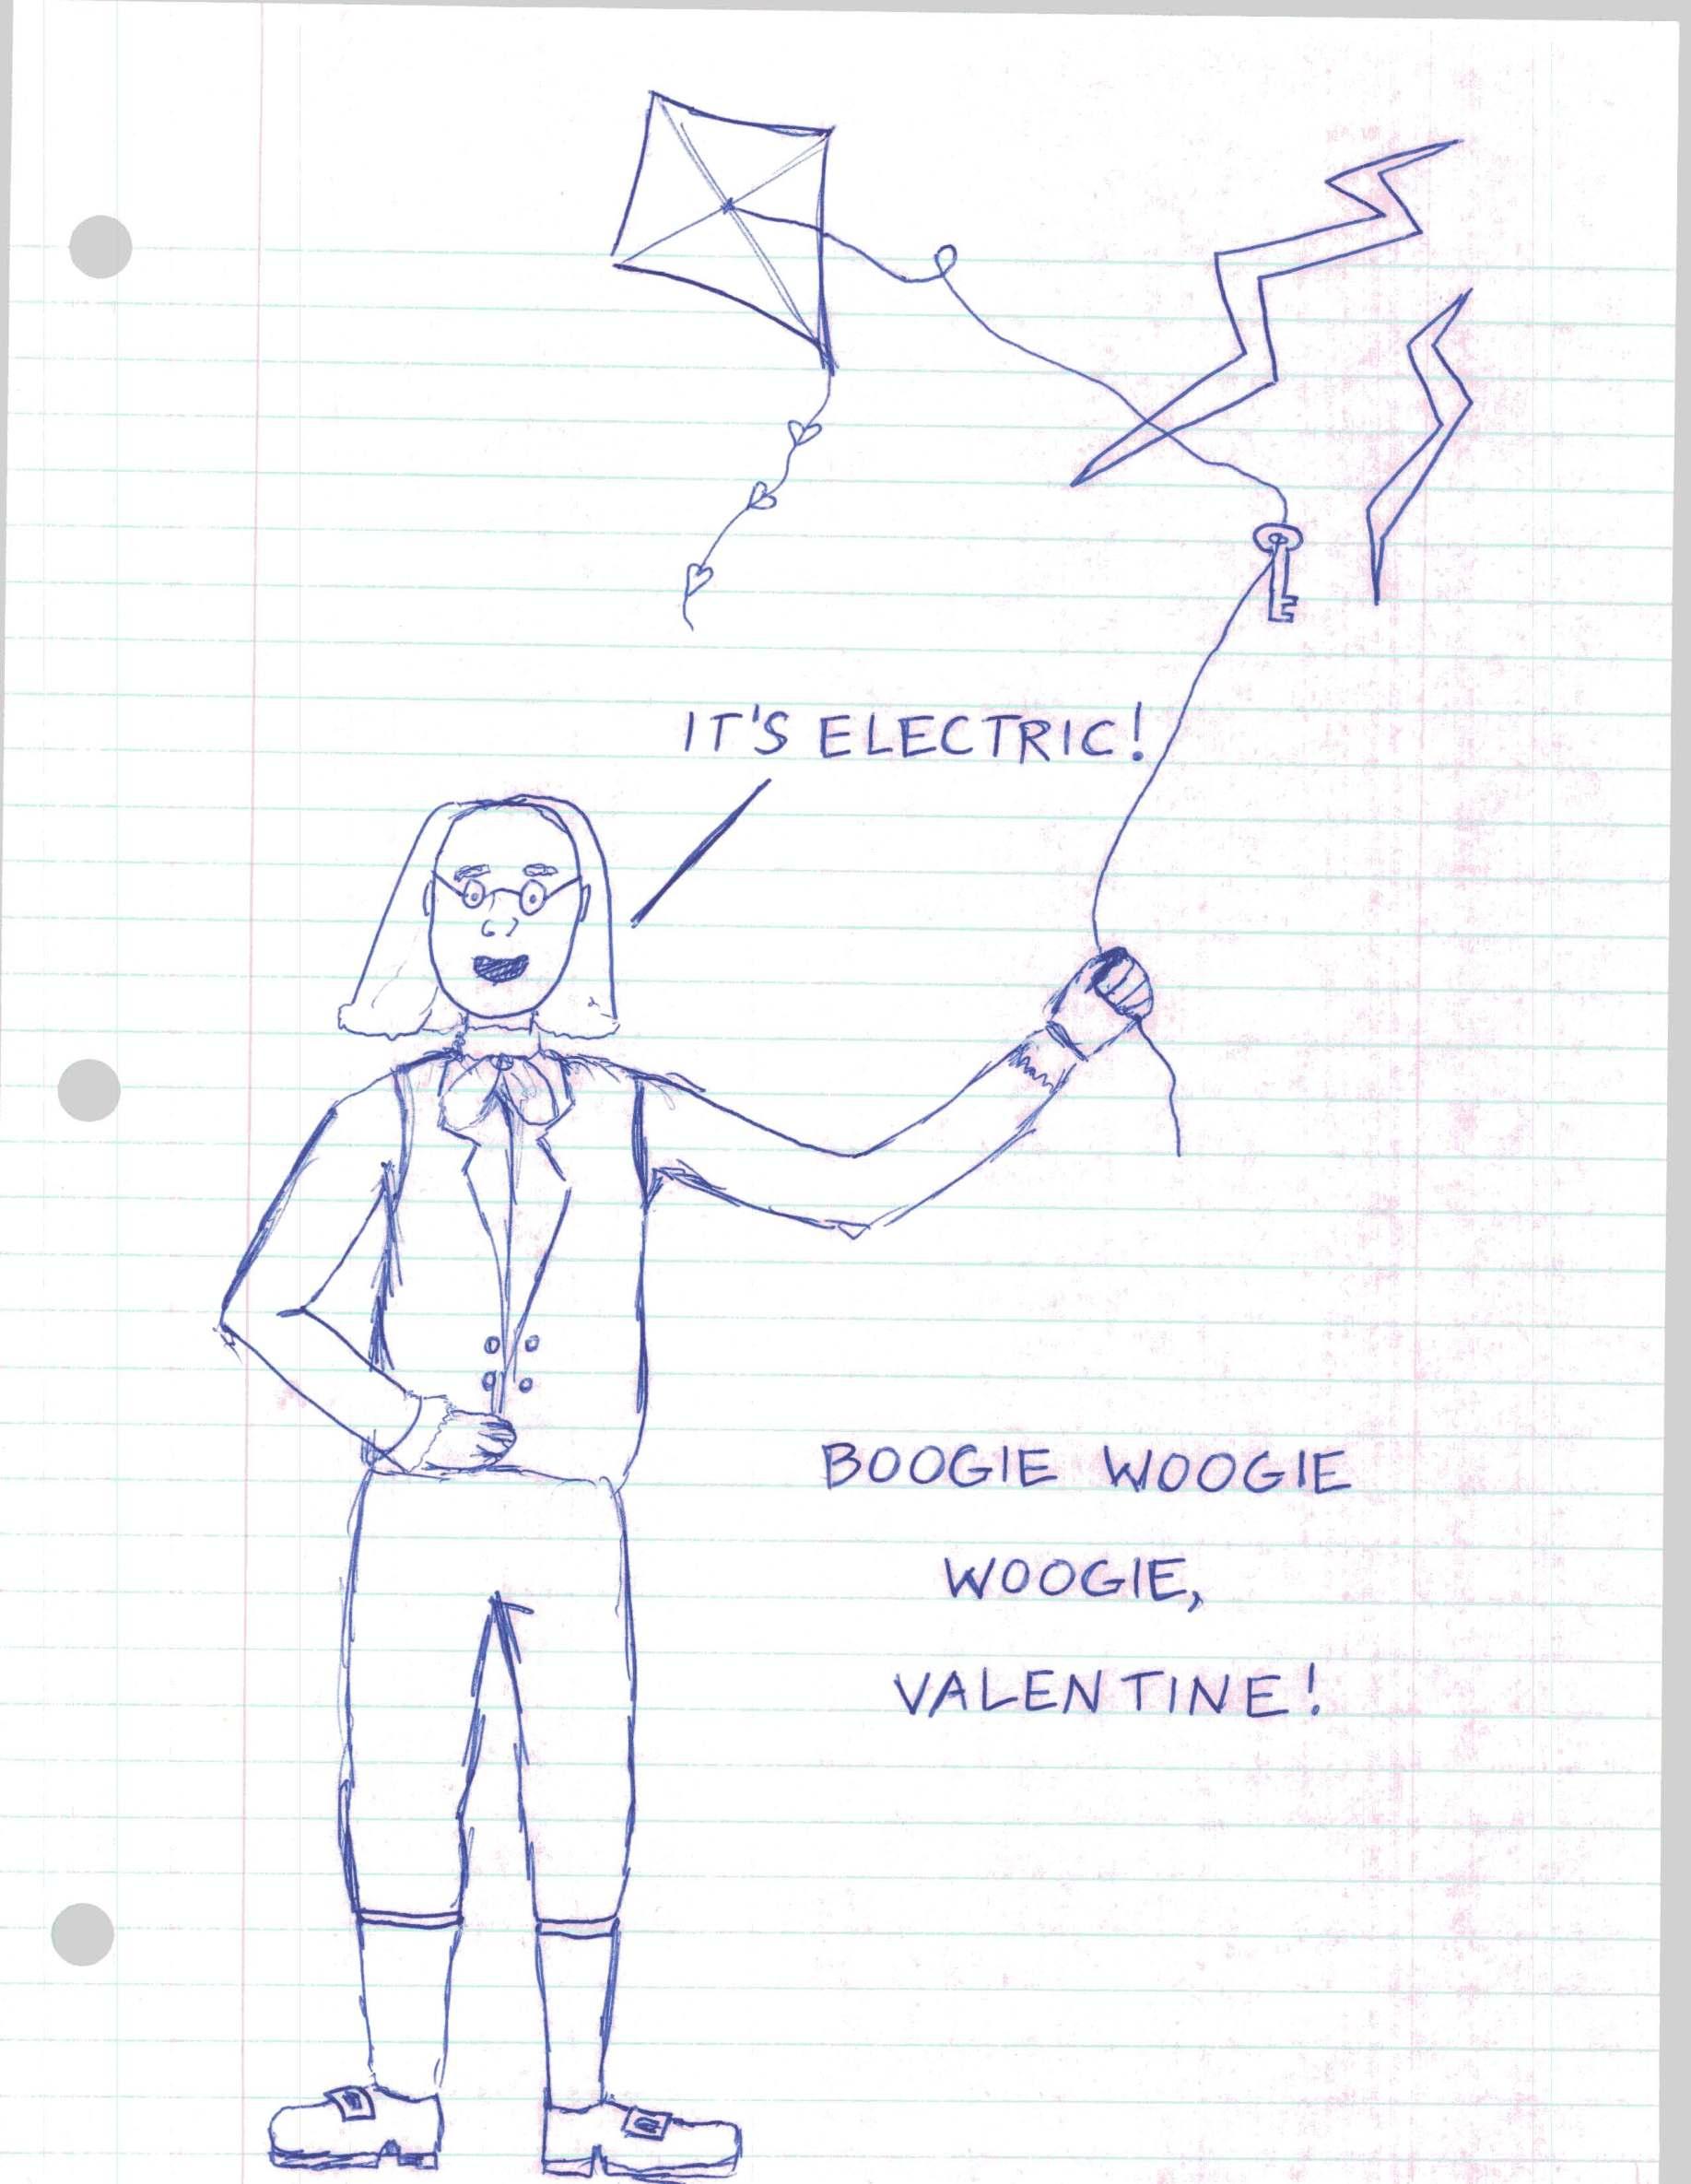 electricvalentine.jpg